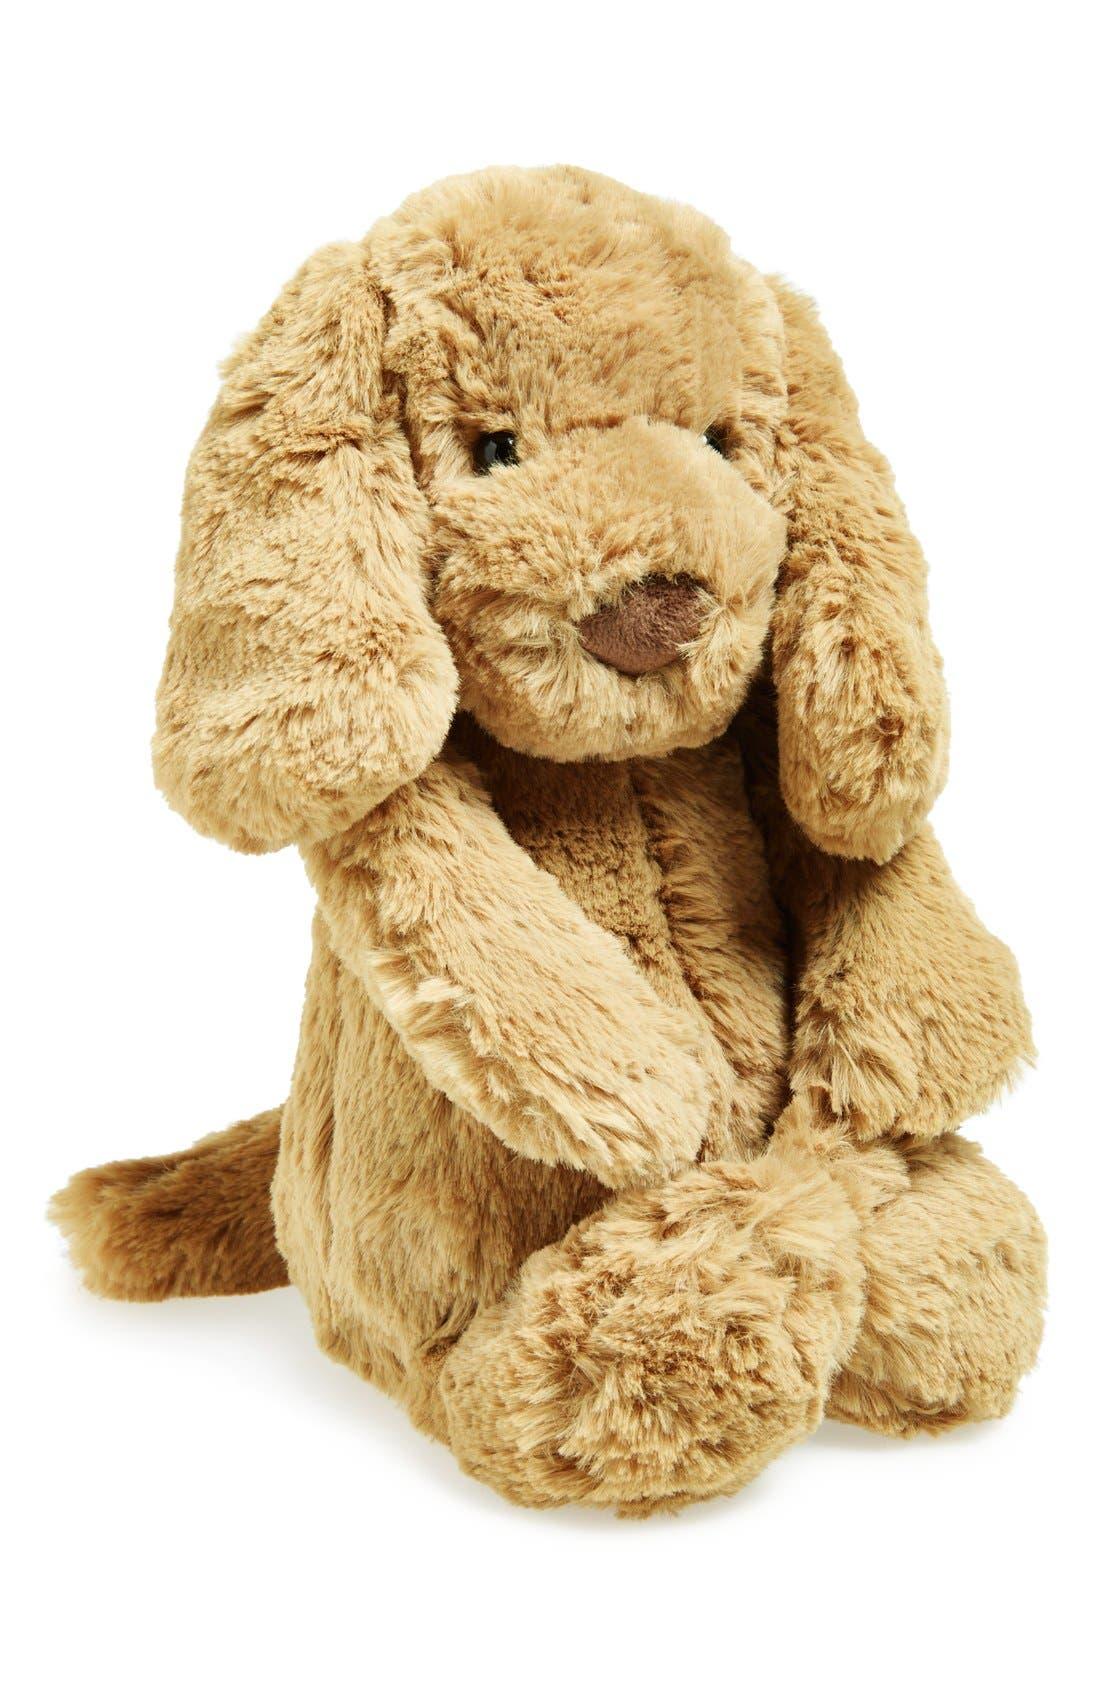 Alternate Image 1 Selected - Jellycat 'Bashful' Puppy Stuffed Animal